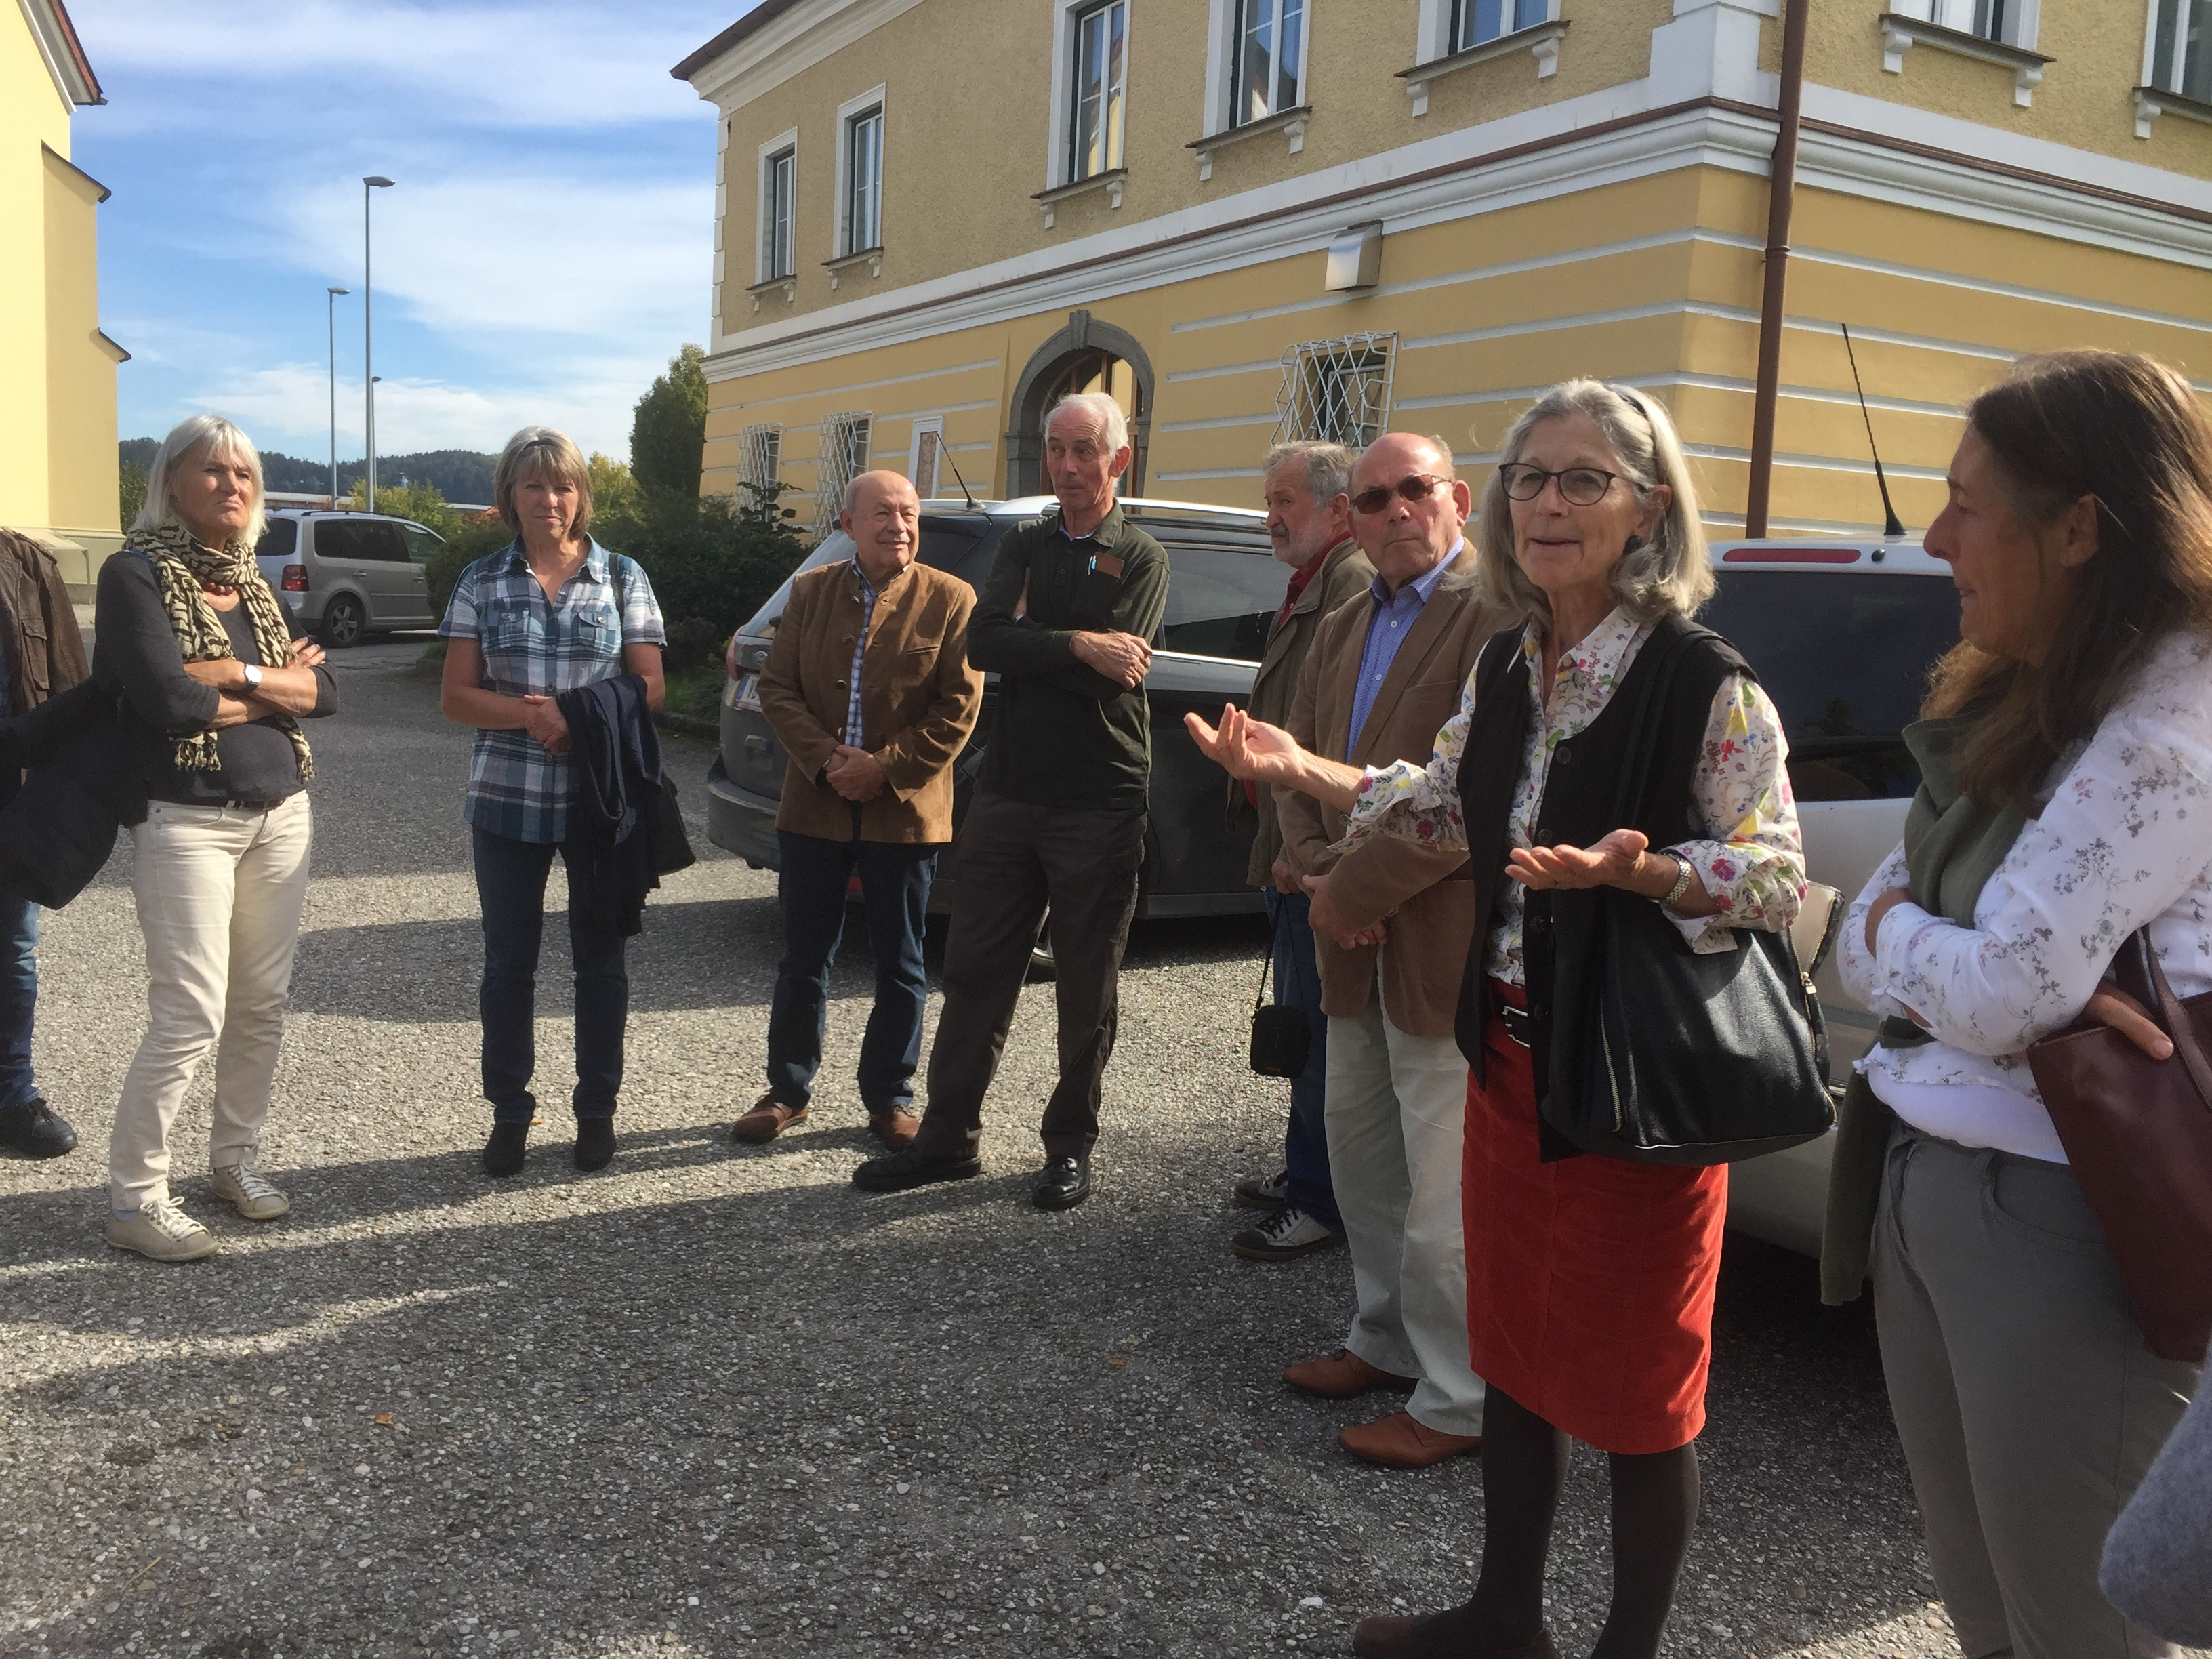 Waltraut Huber begrüßt ihre Gäste und zeigt große Talente als Fremdenführerin.